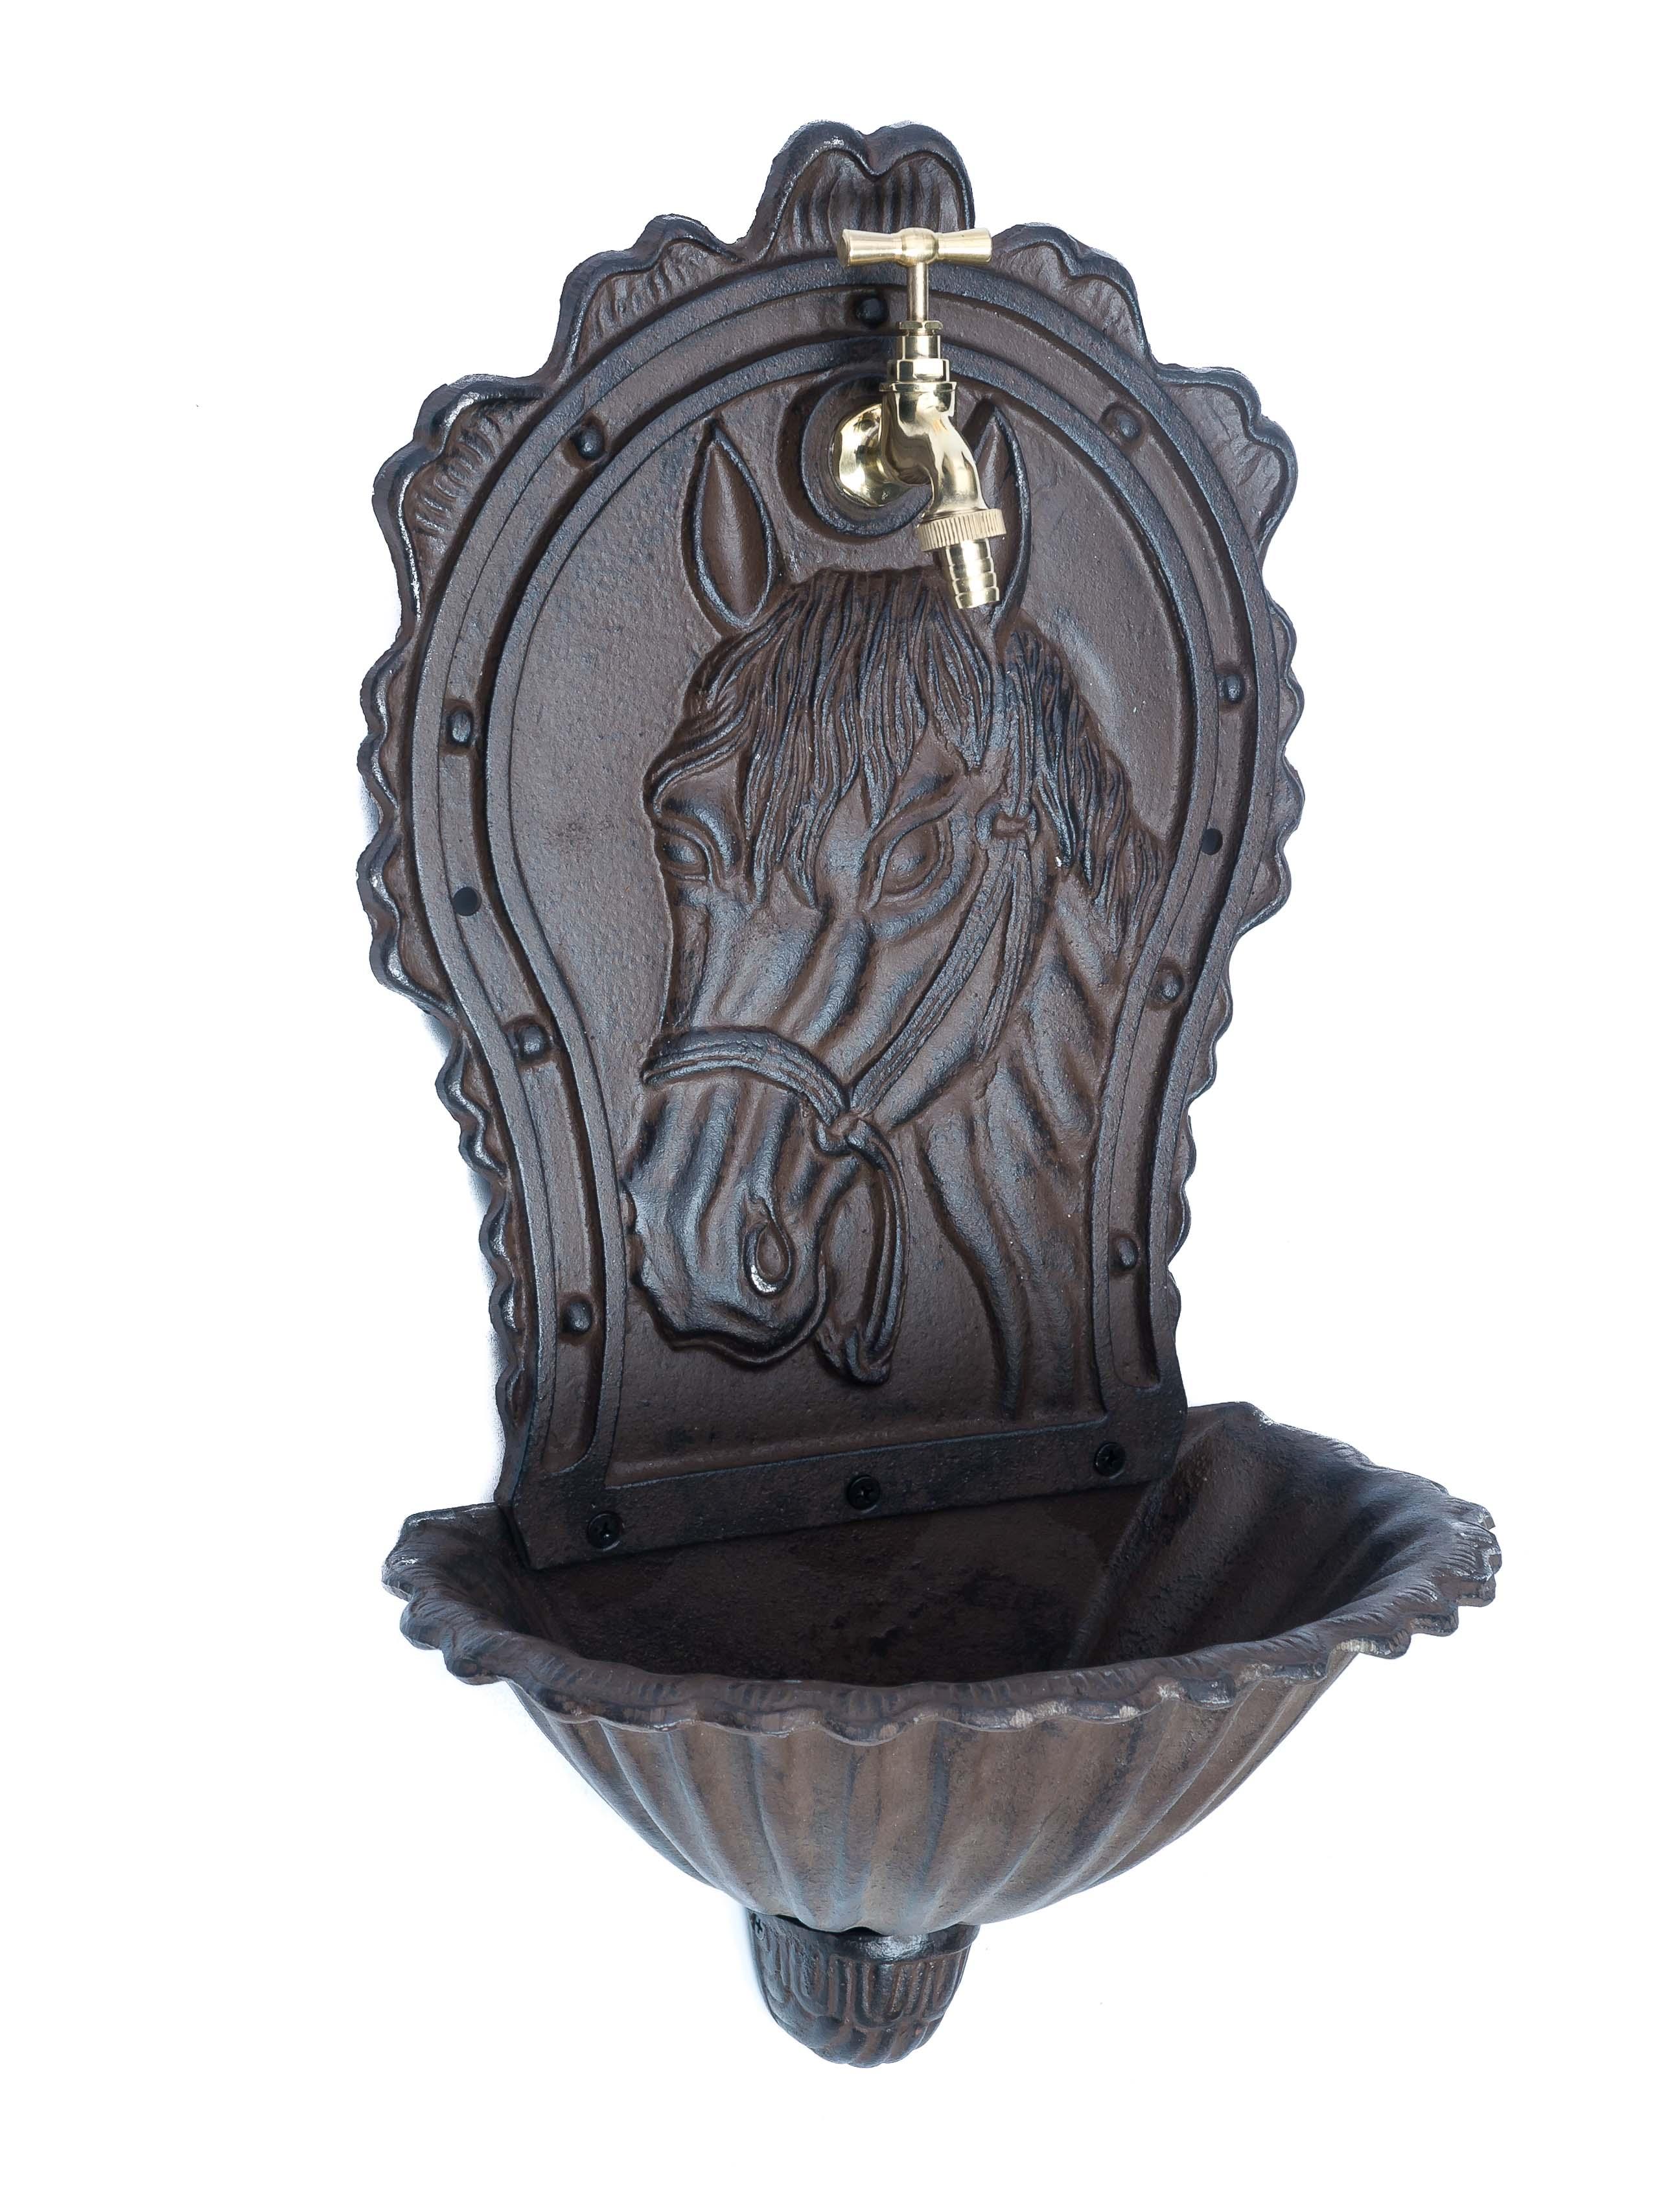 Brunnen Wandbrunnen Aluminium Waschbecken im Nostalgie schwarz Antik-Stil 72cm